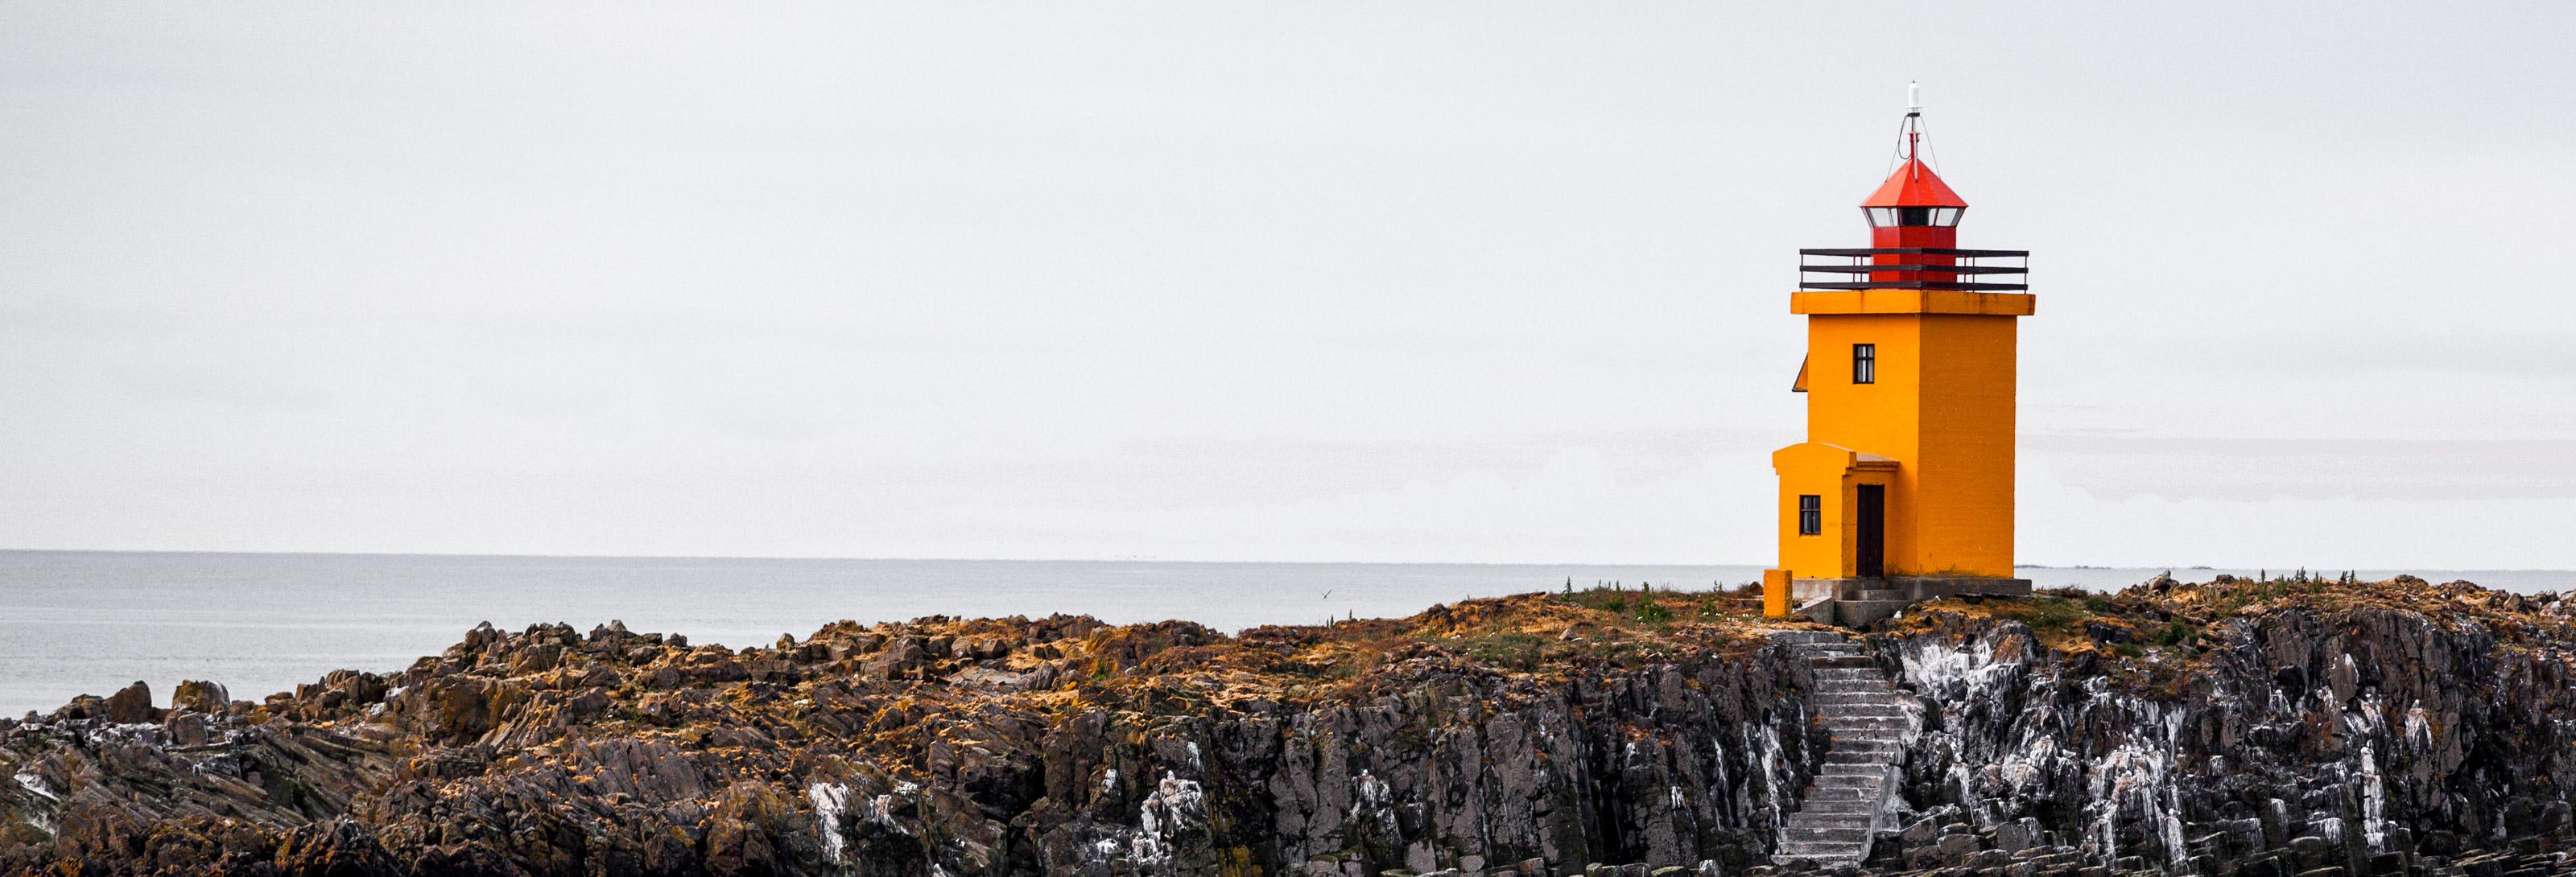 Image sommaire RÉCIT ISLANDE 2012 PARTIE 6. Phare de l'Ile de Flatey.